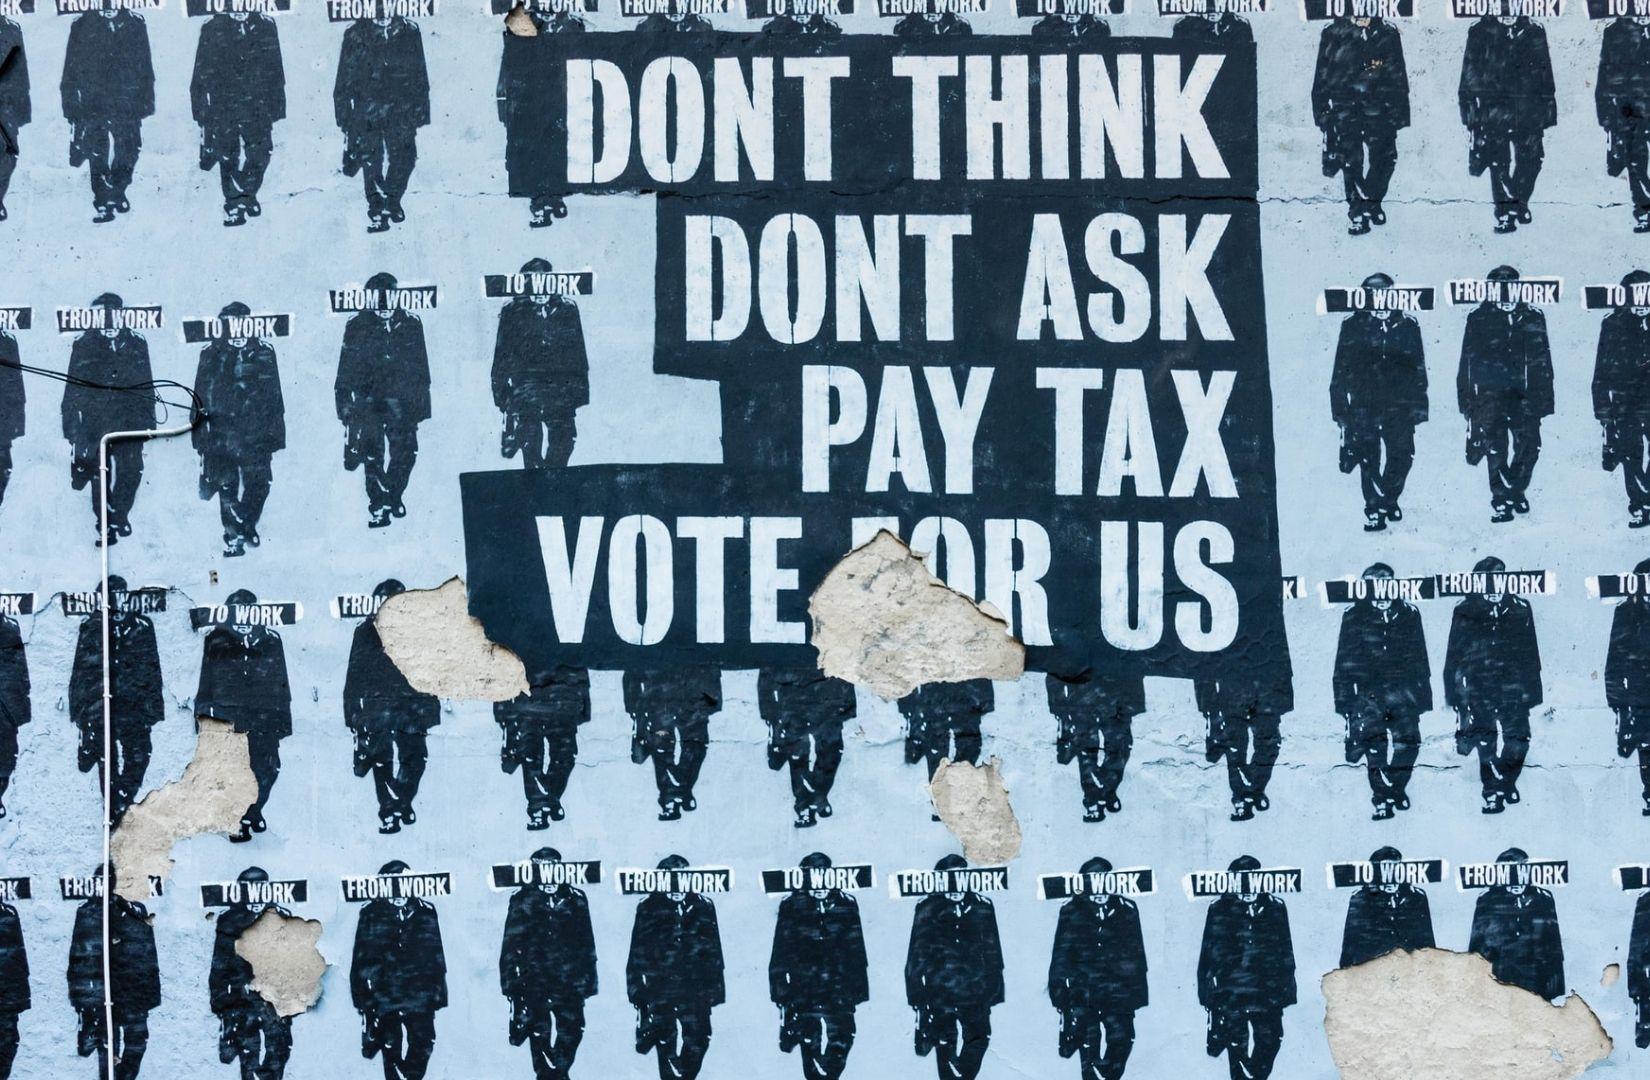 Provokante Anspielung einer Street Art in Polen zum Thema Wahlen, die auch auf Wien oder andere Metropolen passt. (Foto: Paweł Czerwiński, Unsplash.com)